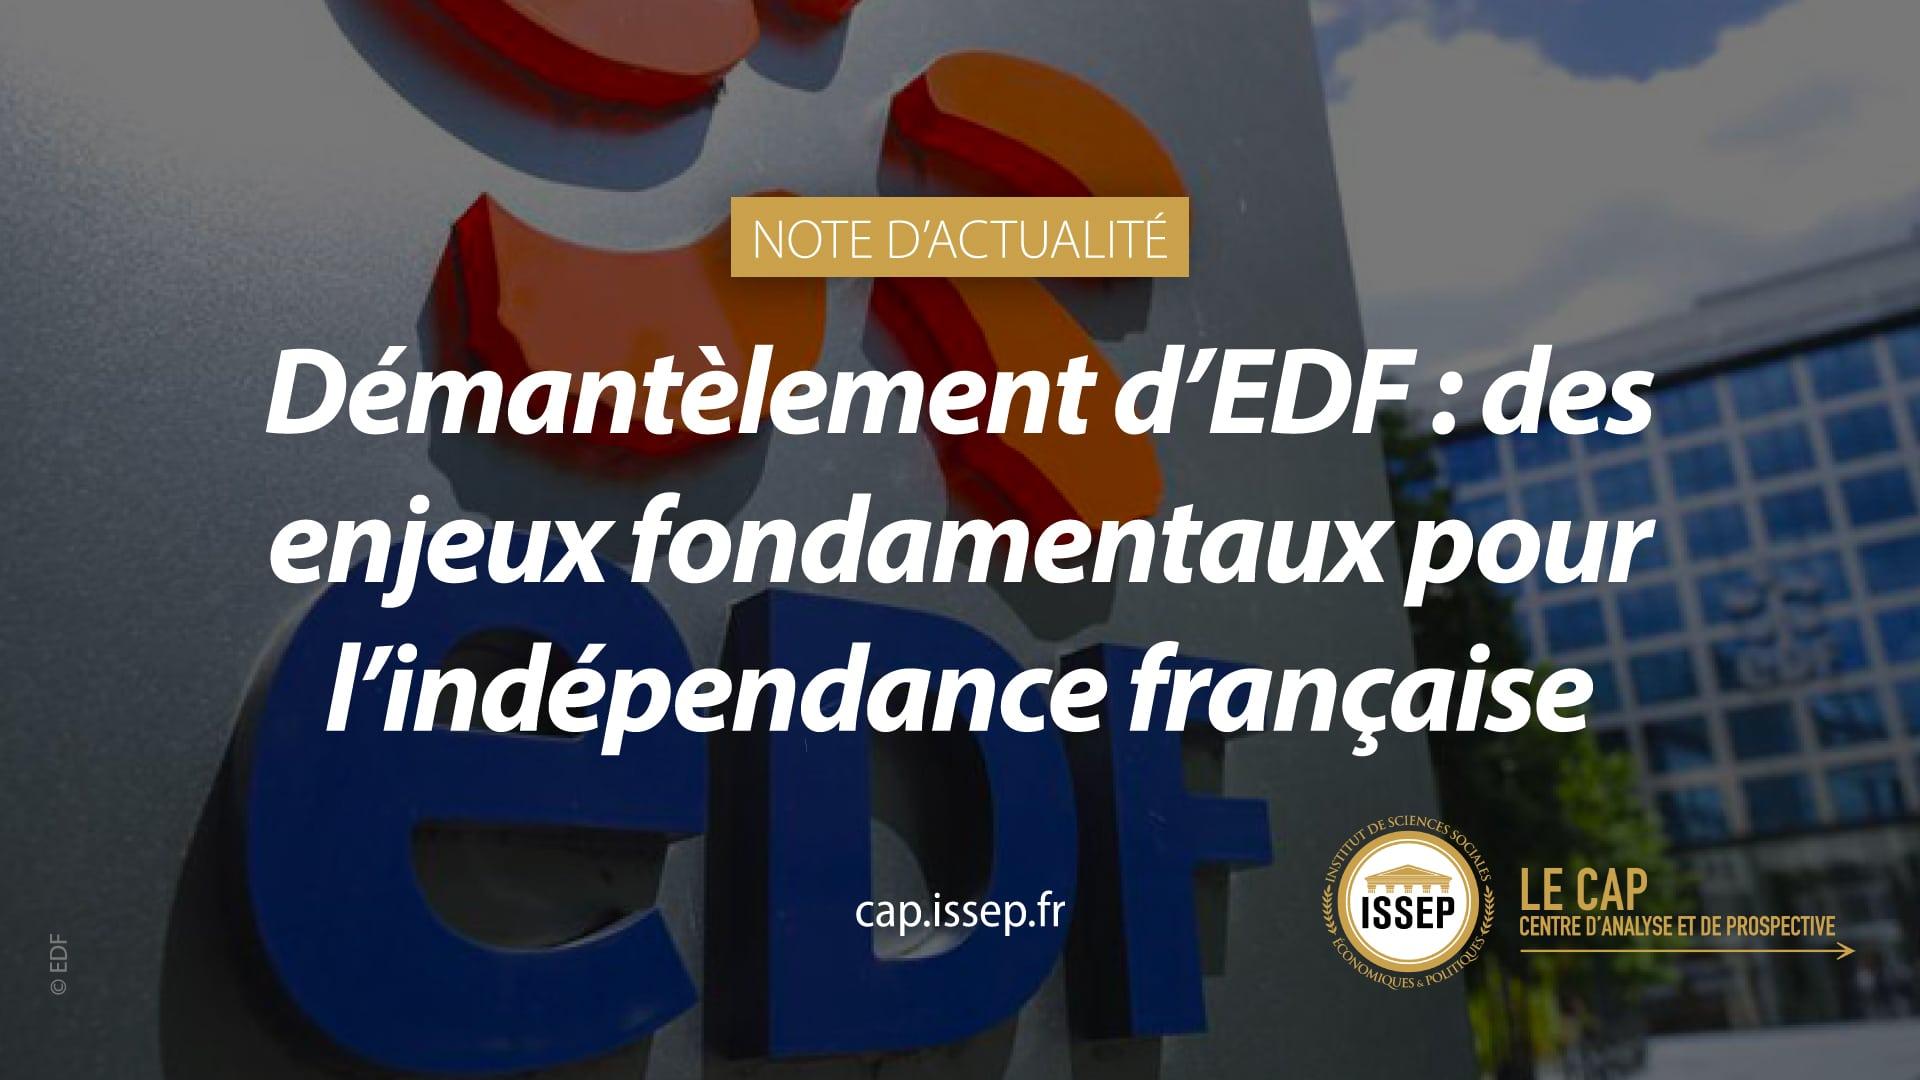 Note 'actualité du CAP de l'ISSEP - Démantèlement d'EDF